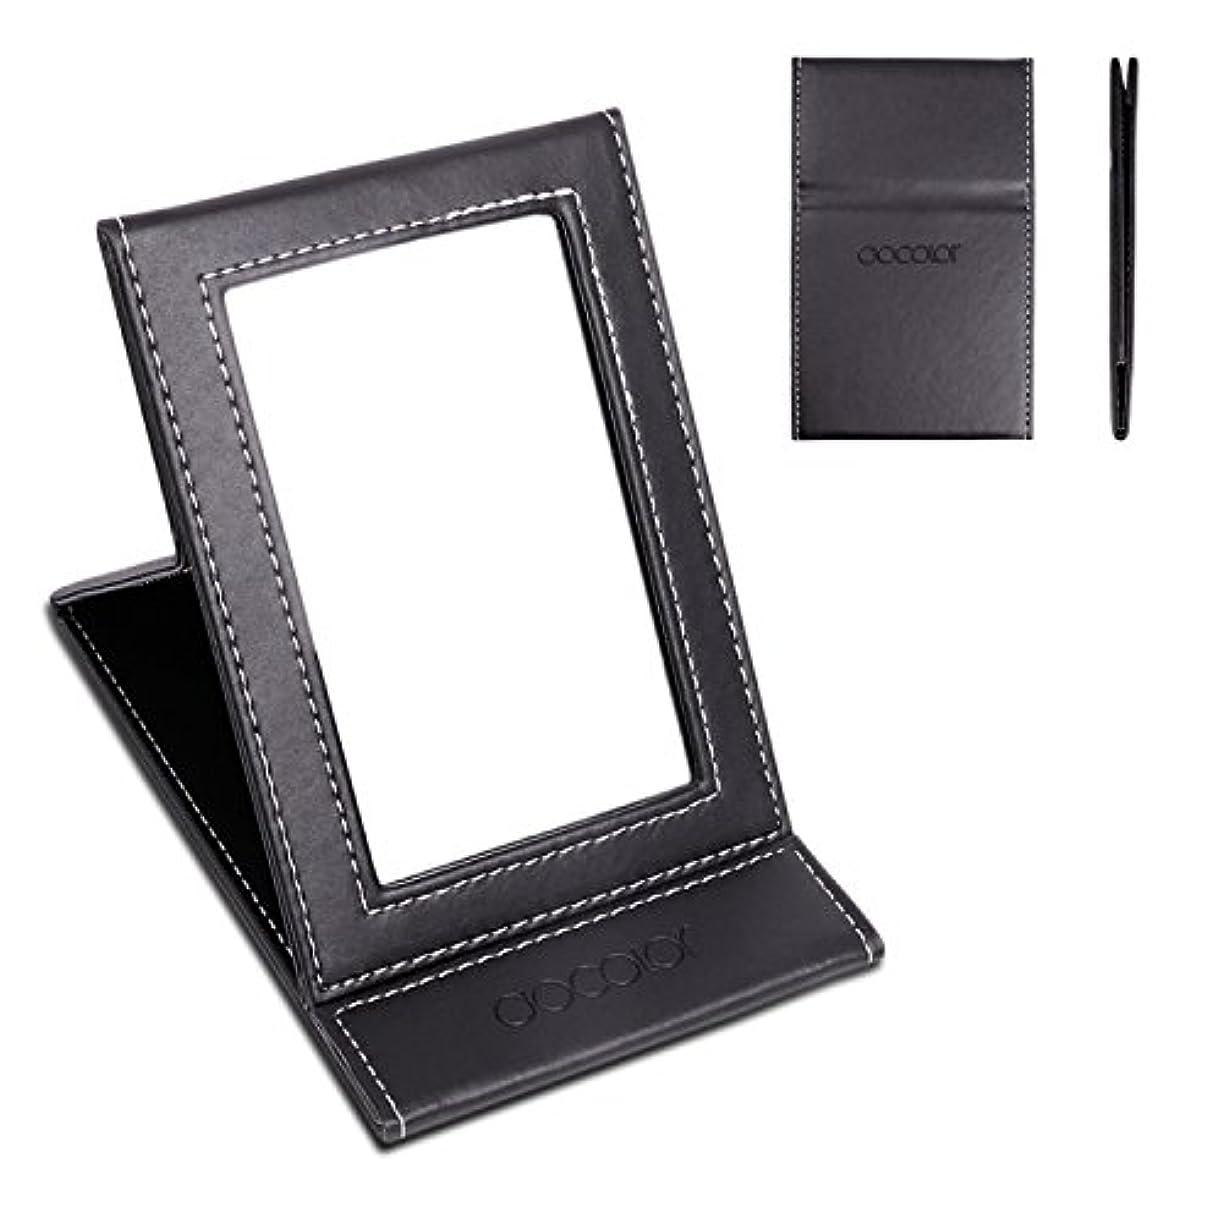 スツール交流するブロック化粧鏡 卓上ミラー 折りたたみ式-DOCOLOR スタンドミラー 携帯用ミラー